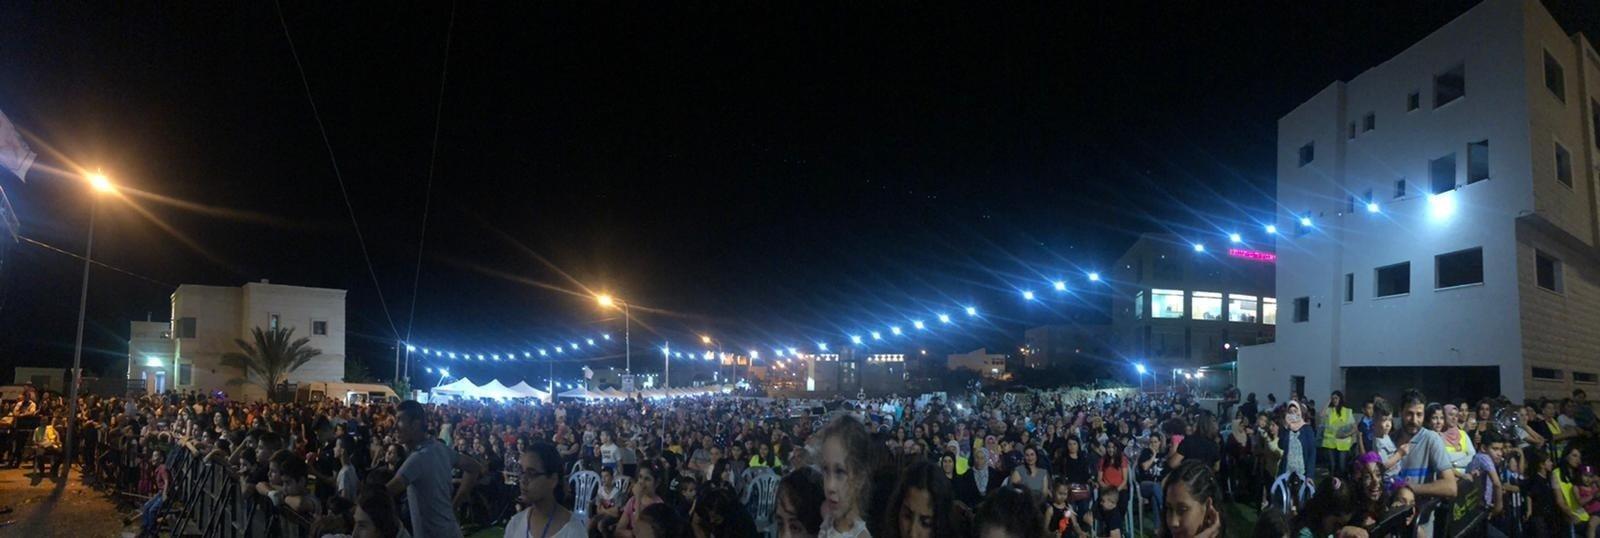 الخميس والجمعة - عرابة تحيي مهرجان رمضان الثقافي الثالث بمشاركة الفنان أمير دندن والفنانة دلال أبو آمنة-4